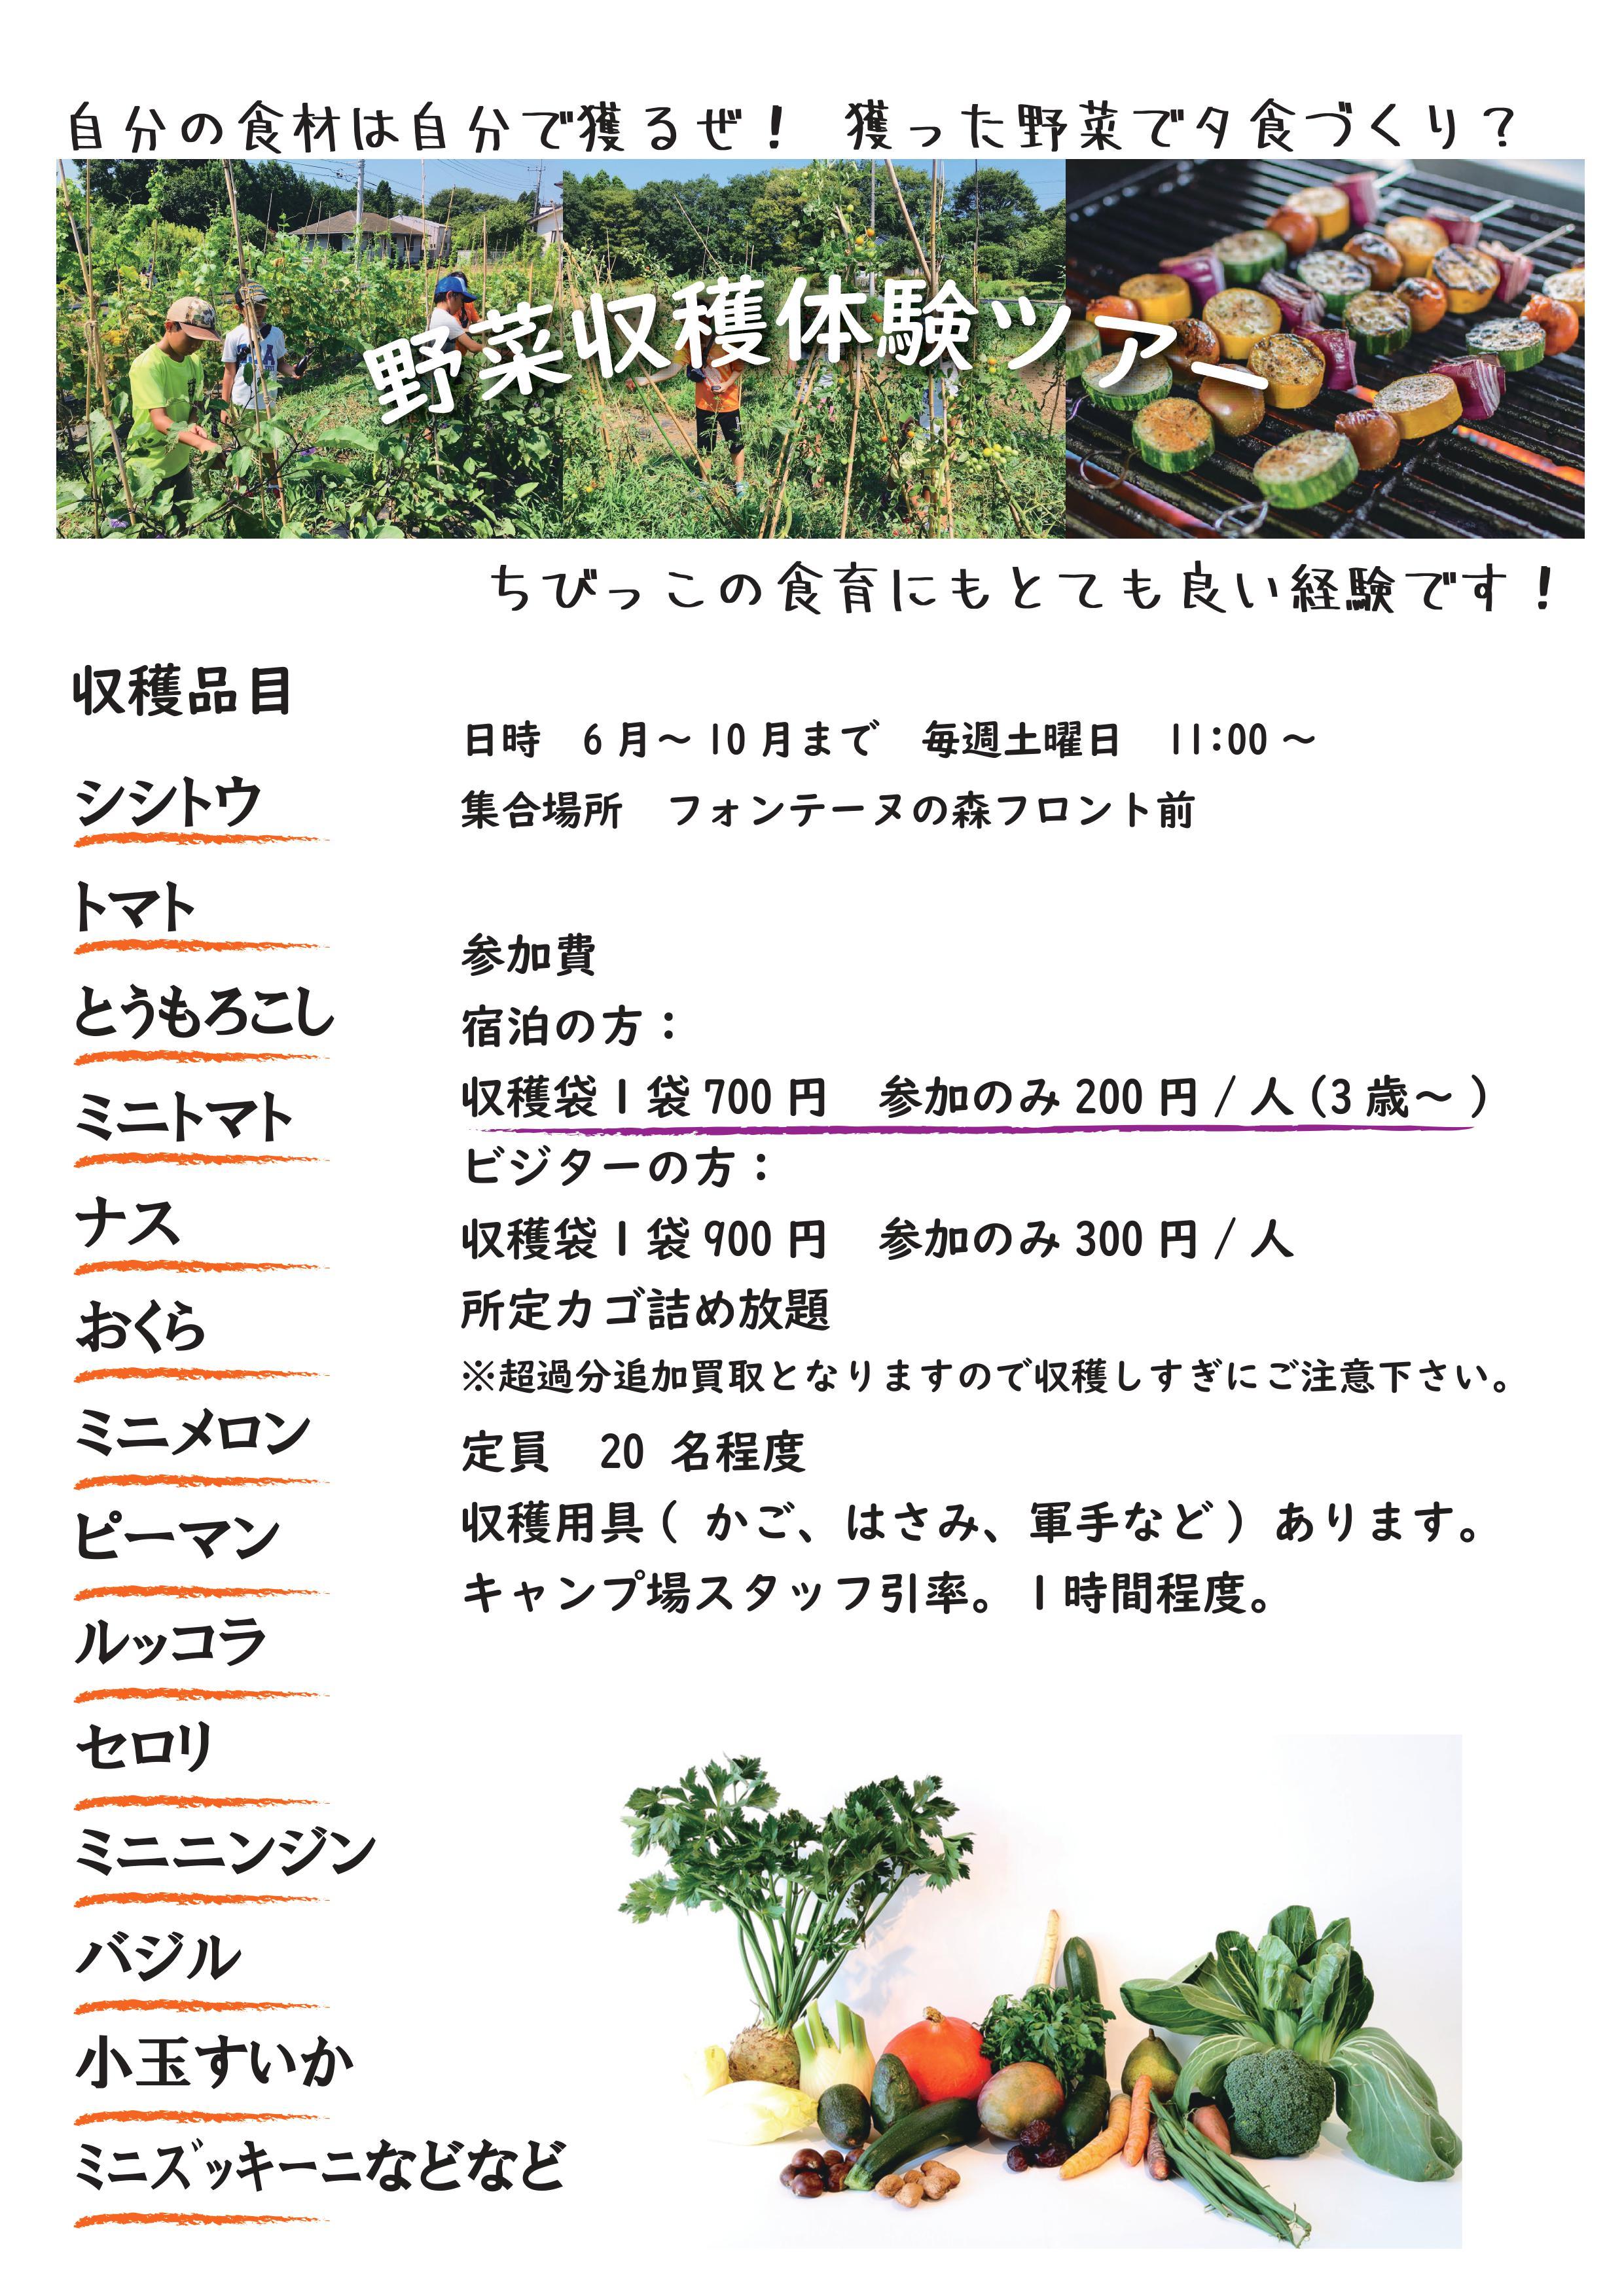 野菜収穫体験ができるようになります。